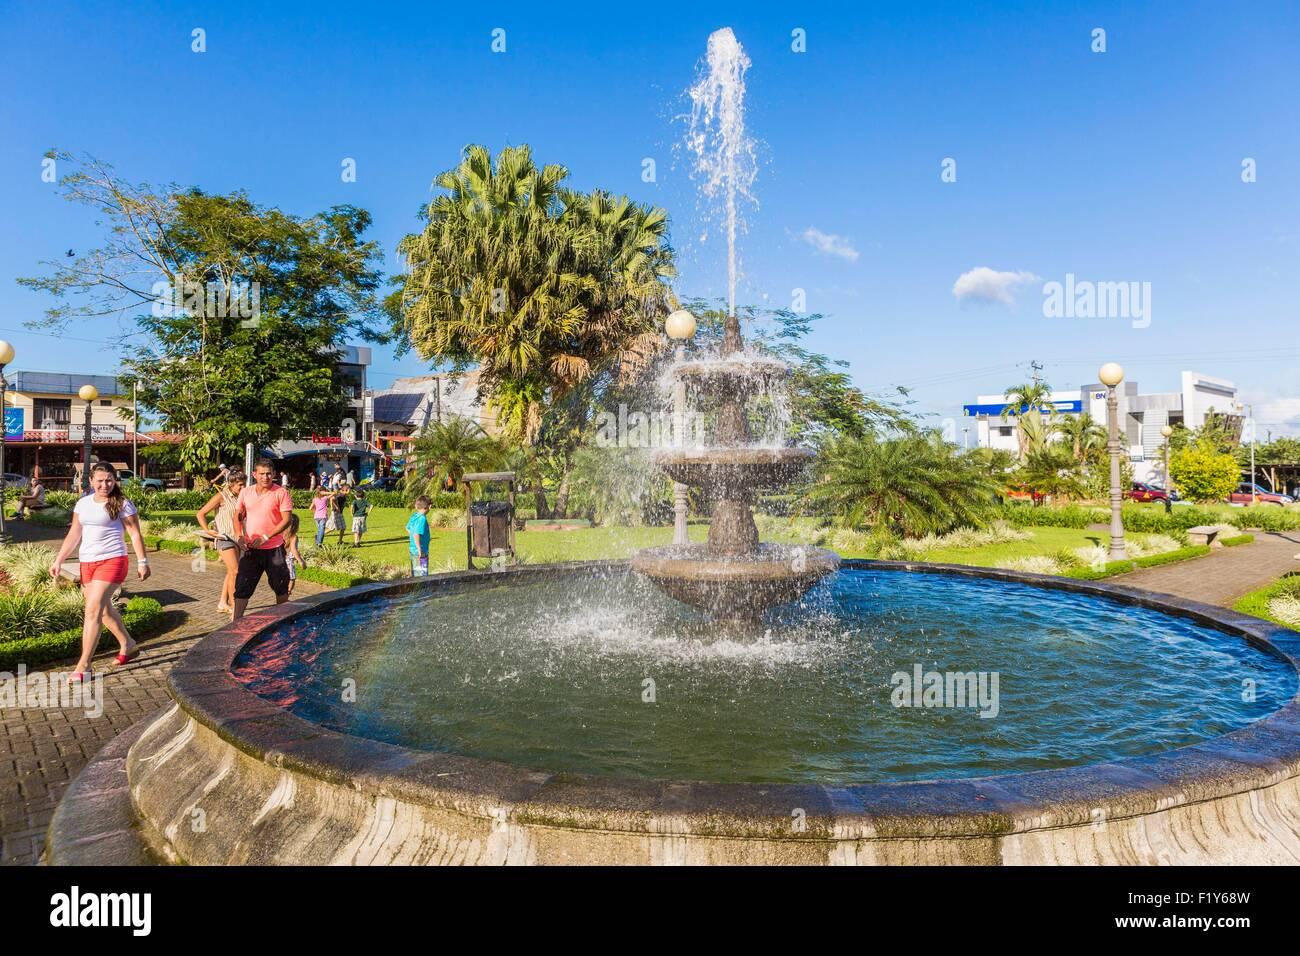 Costa Rica, Alajuela province, the village of La Fortuna - Stock Image